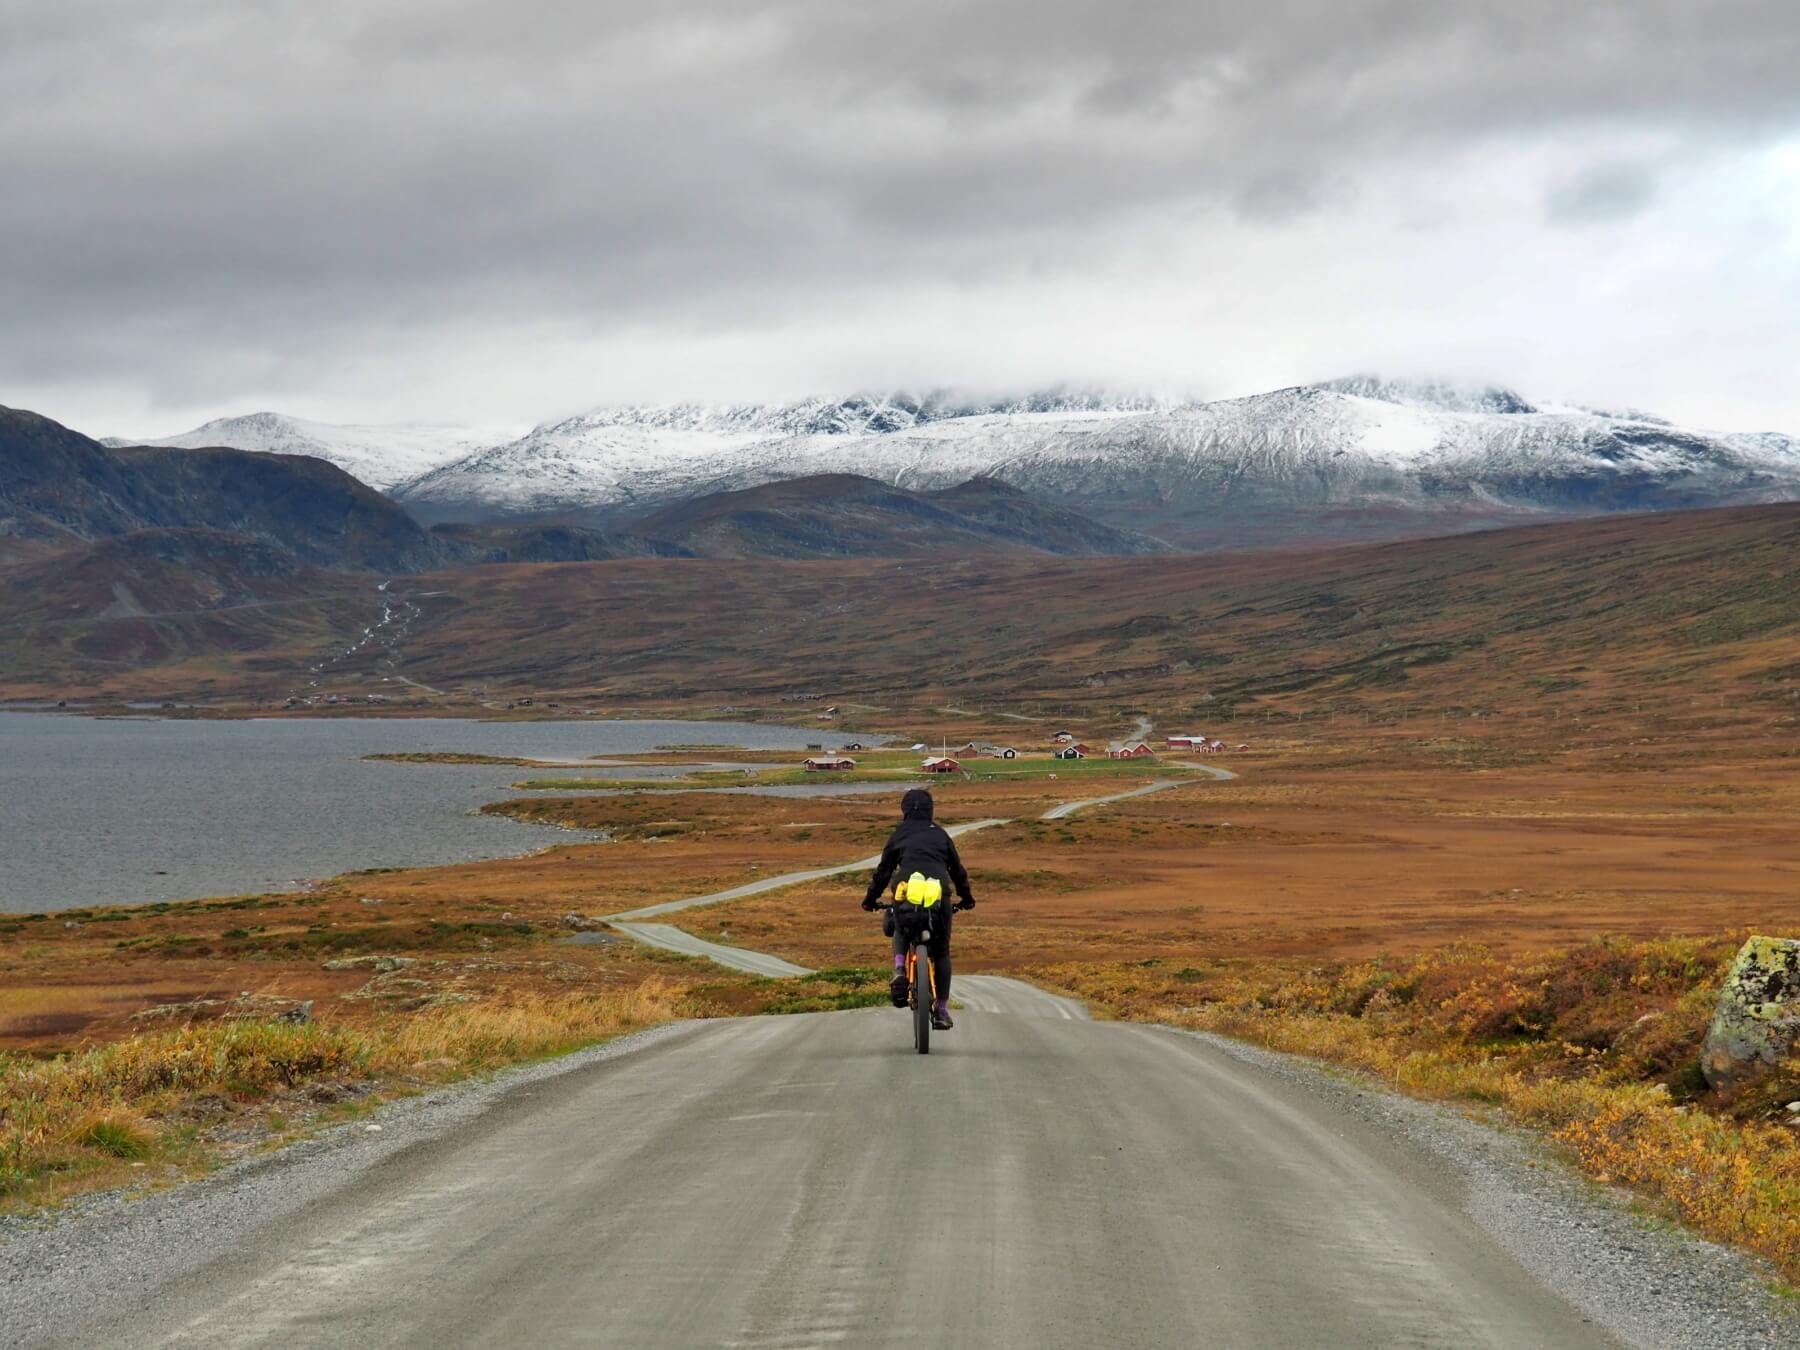 Od 1 200 m nad mořem leží 30 cm nového sněhu. Vítejte v norském vnitrozemí.